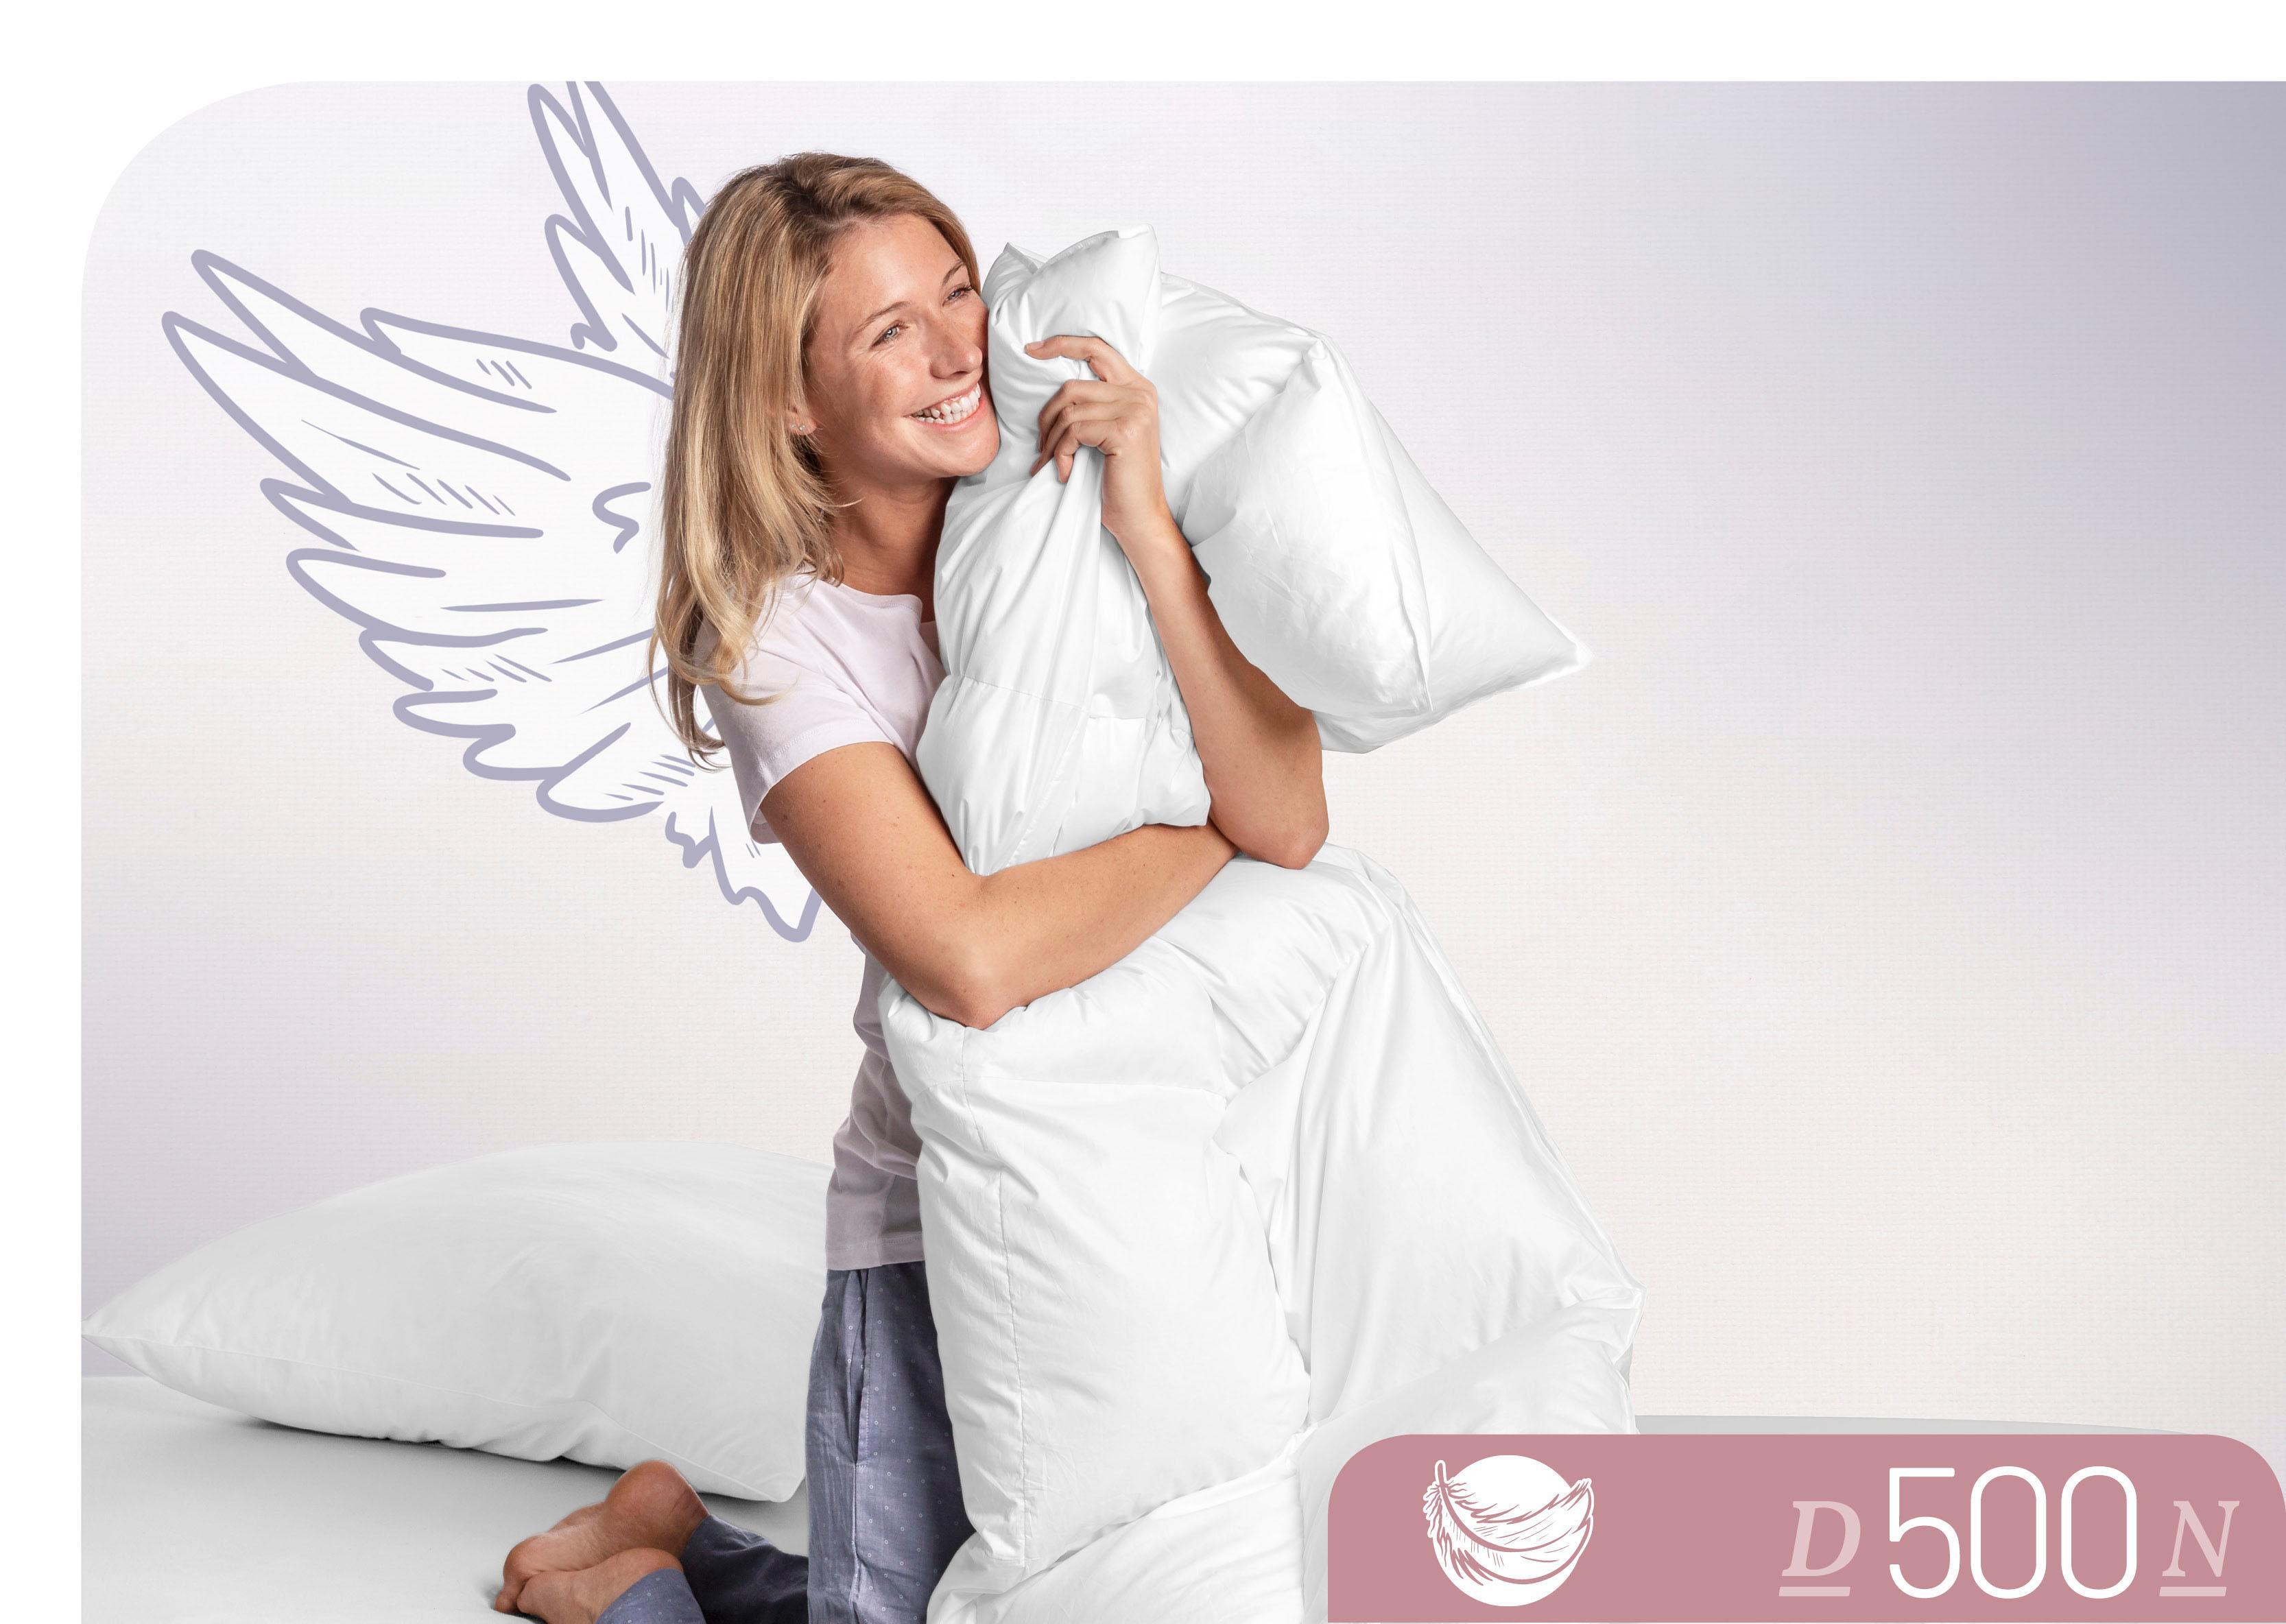 Daunenbettdecke D500 Schlafstil normal Füllung: 100% Daunen Bezug: 100% Baumwolle